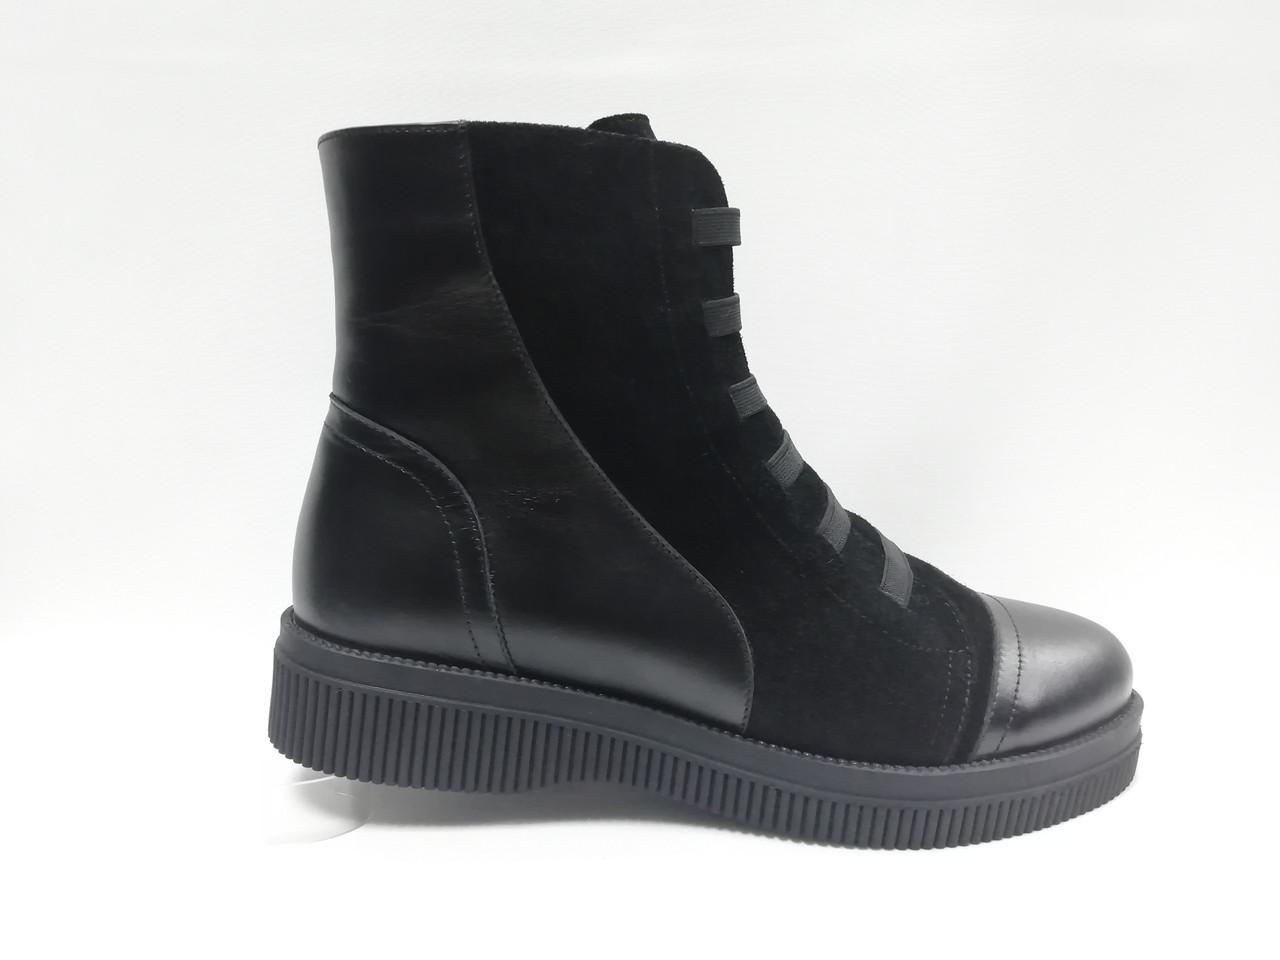 Зимние ботинки.  Большие размеры (41 - 43). Украина.